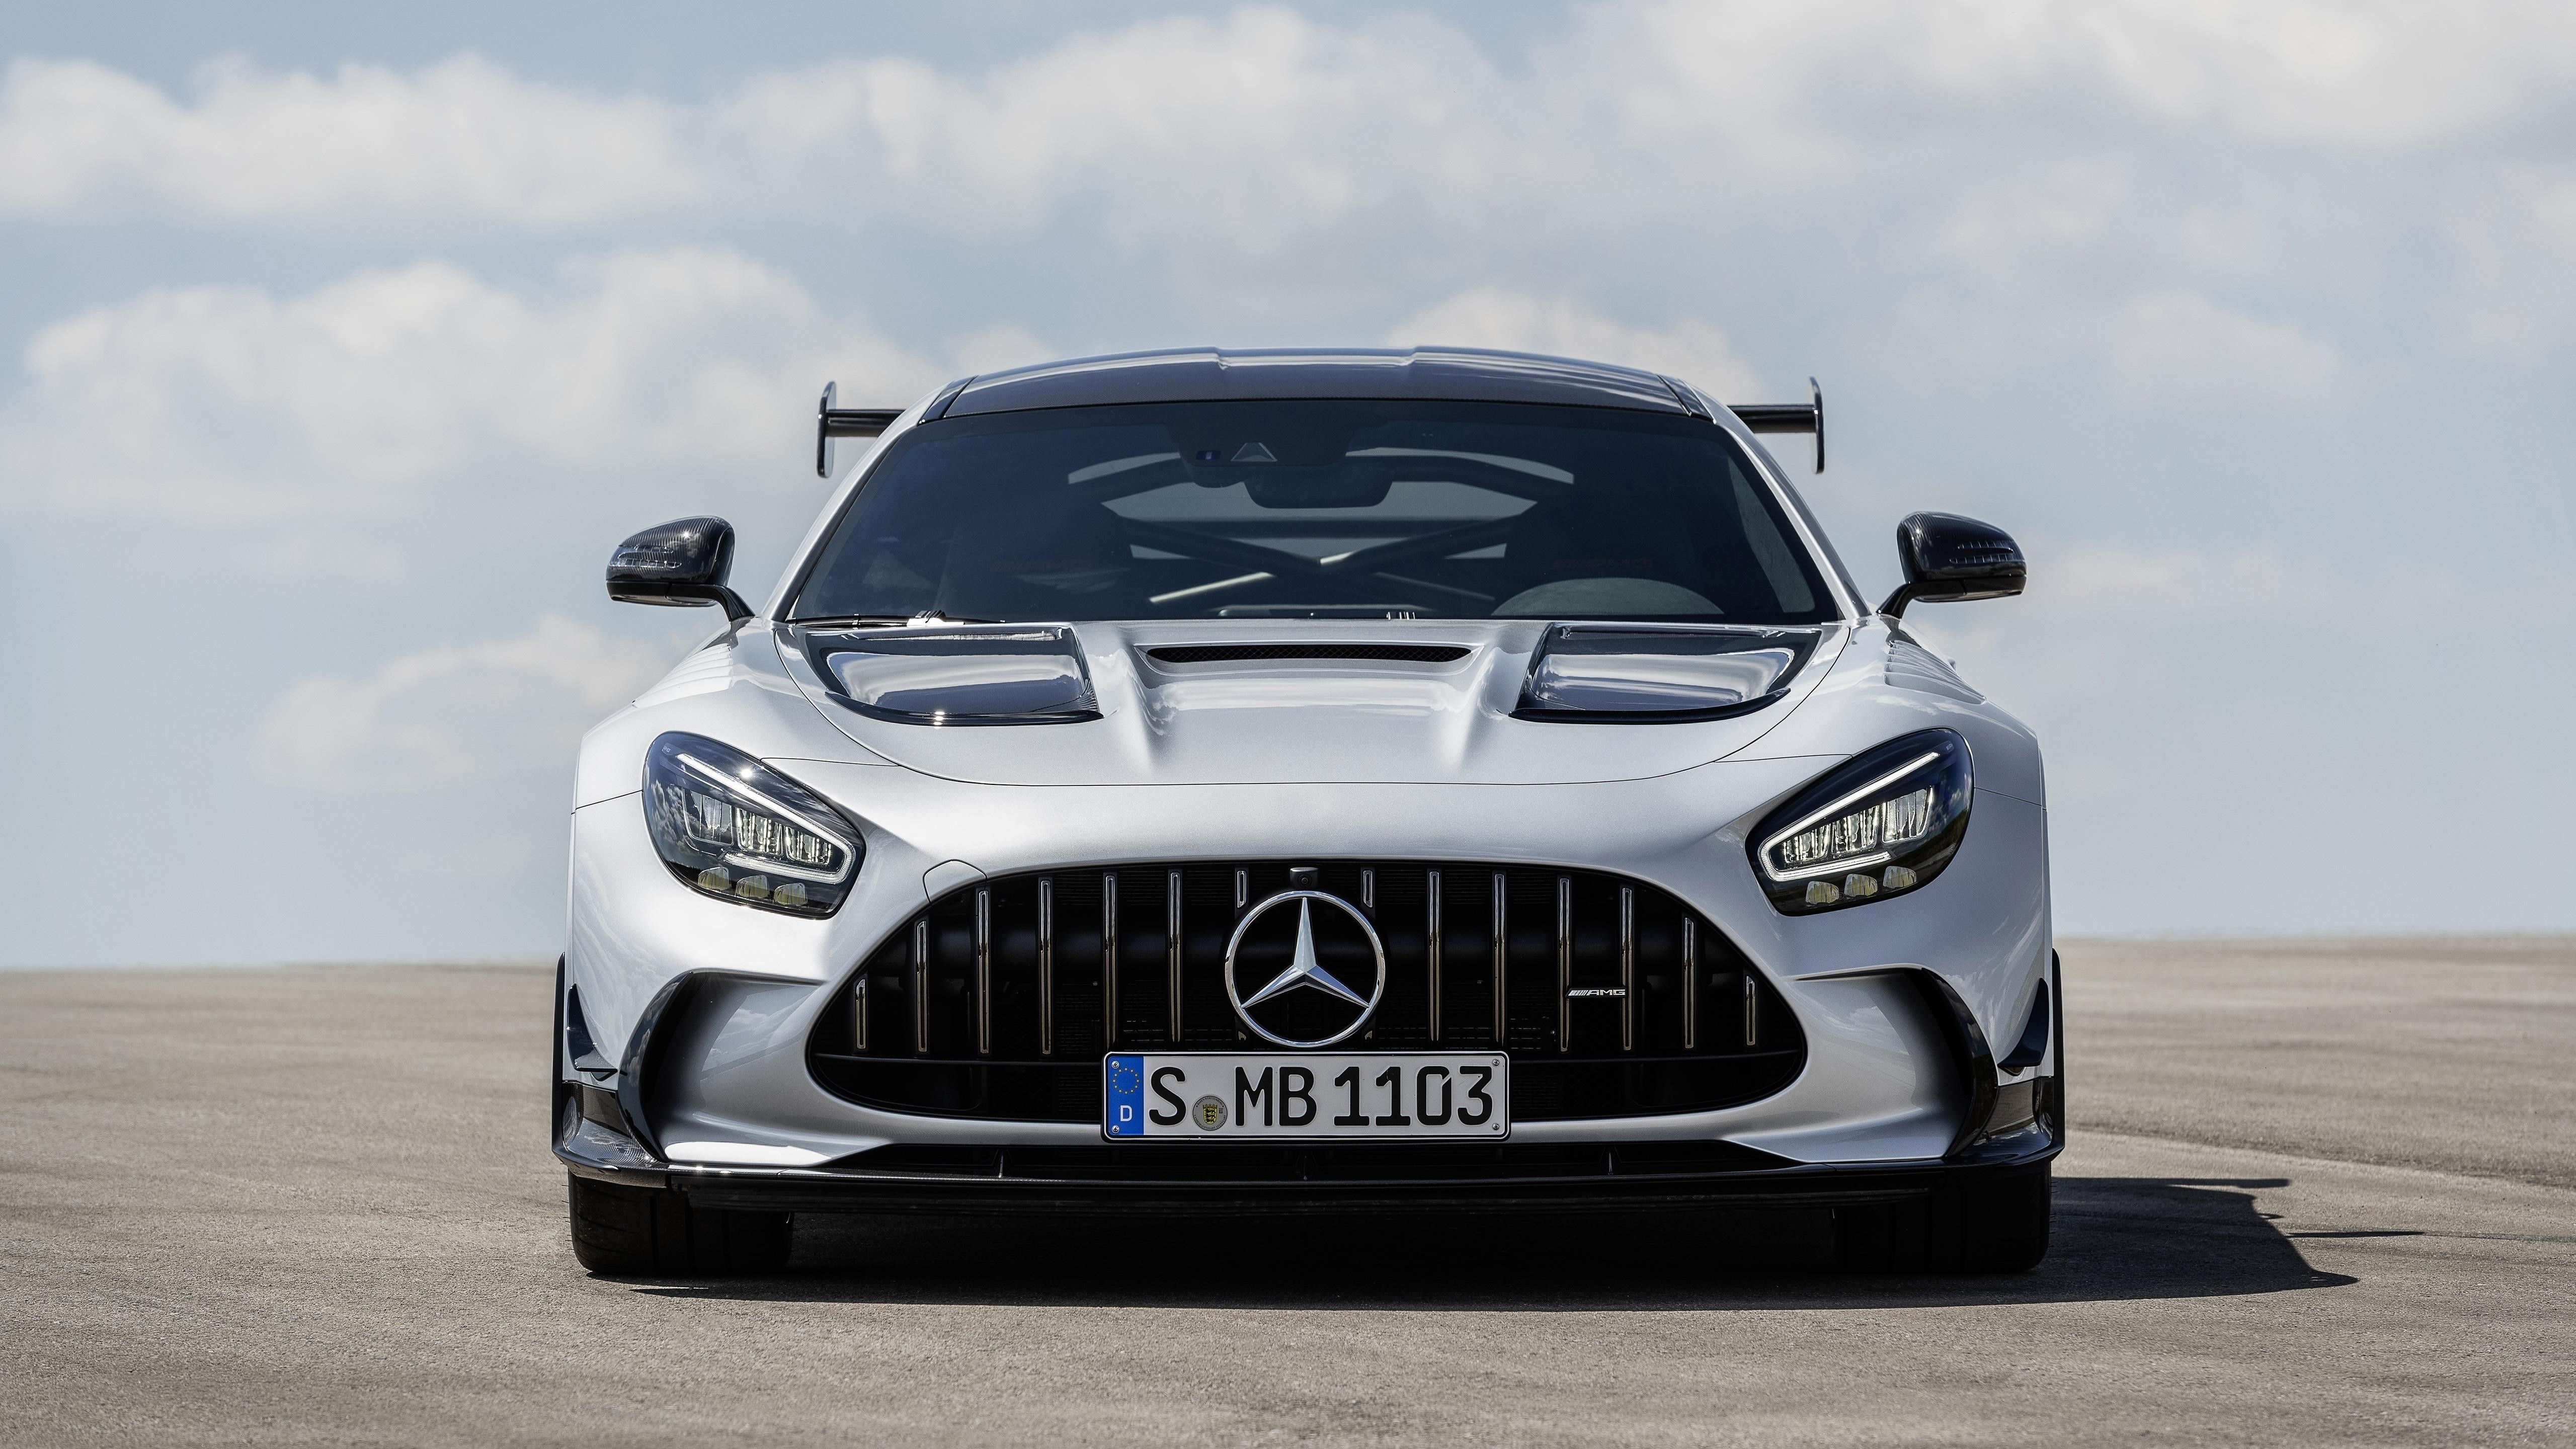 Mercedes-amg gt black series 2020 обои скачать